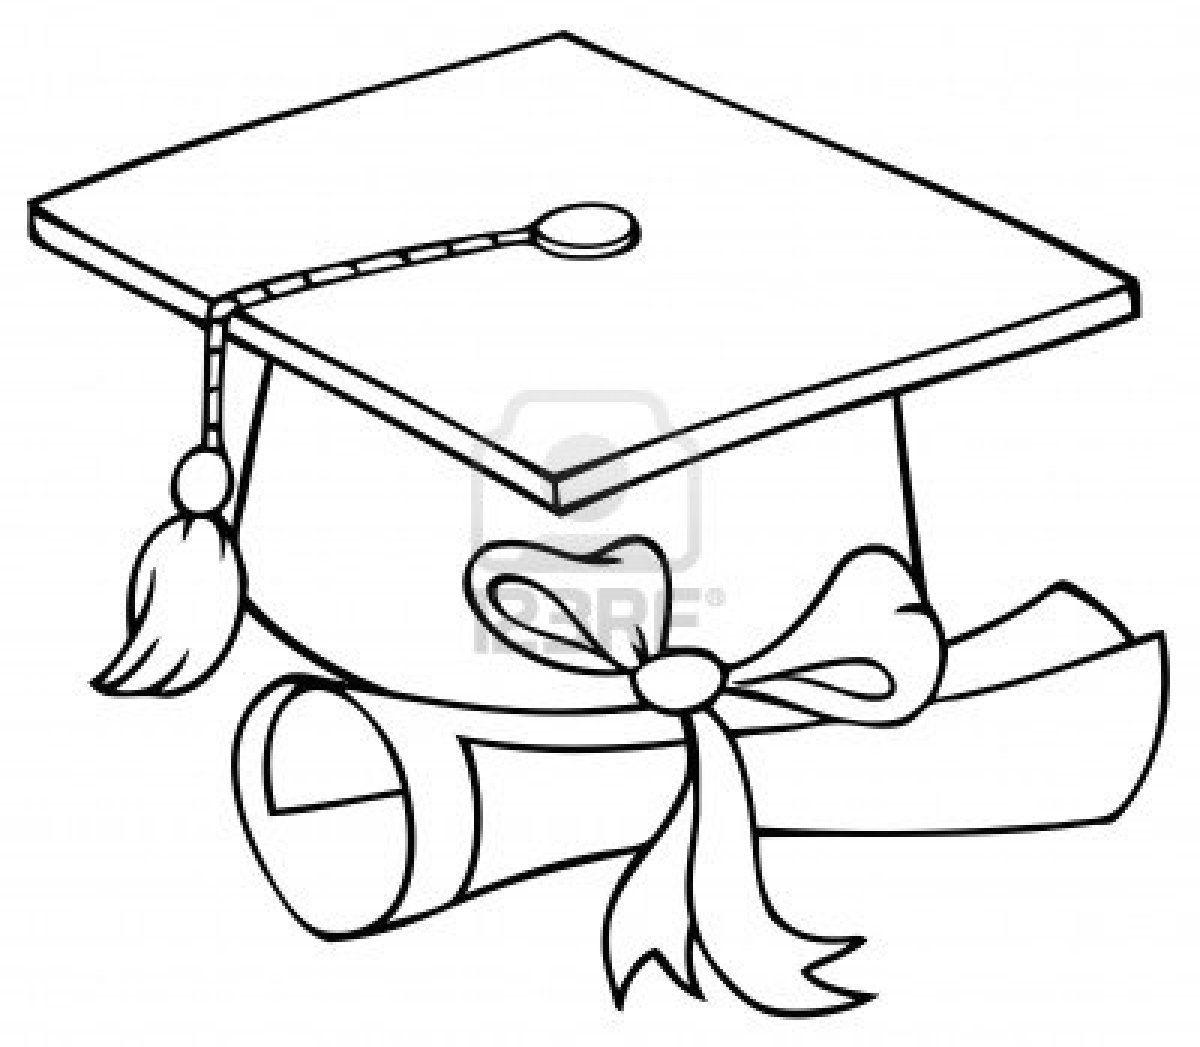 Pharmd graduation cap and diploma free clipart vector transparent stock graduation cap coloring page | Graduation cap coloring page ... vector transparent stock